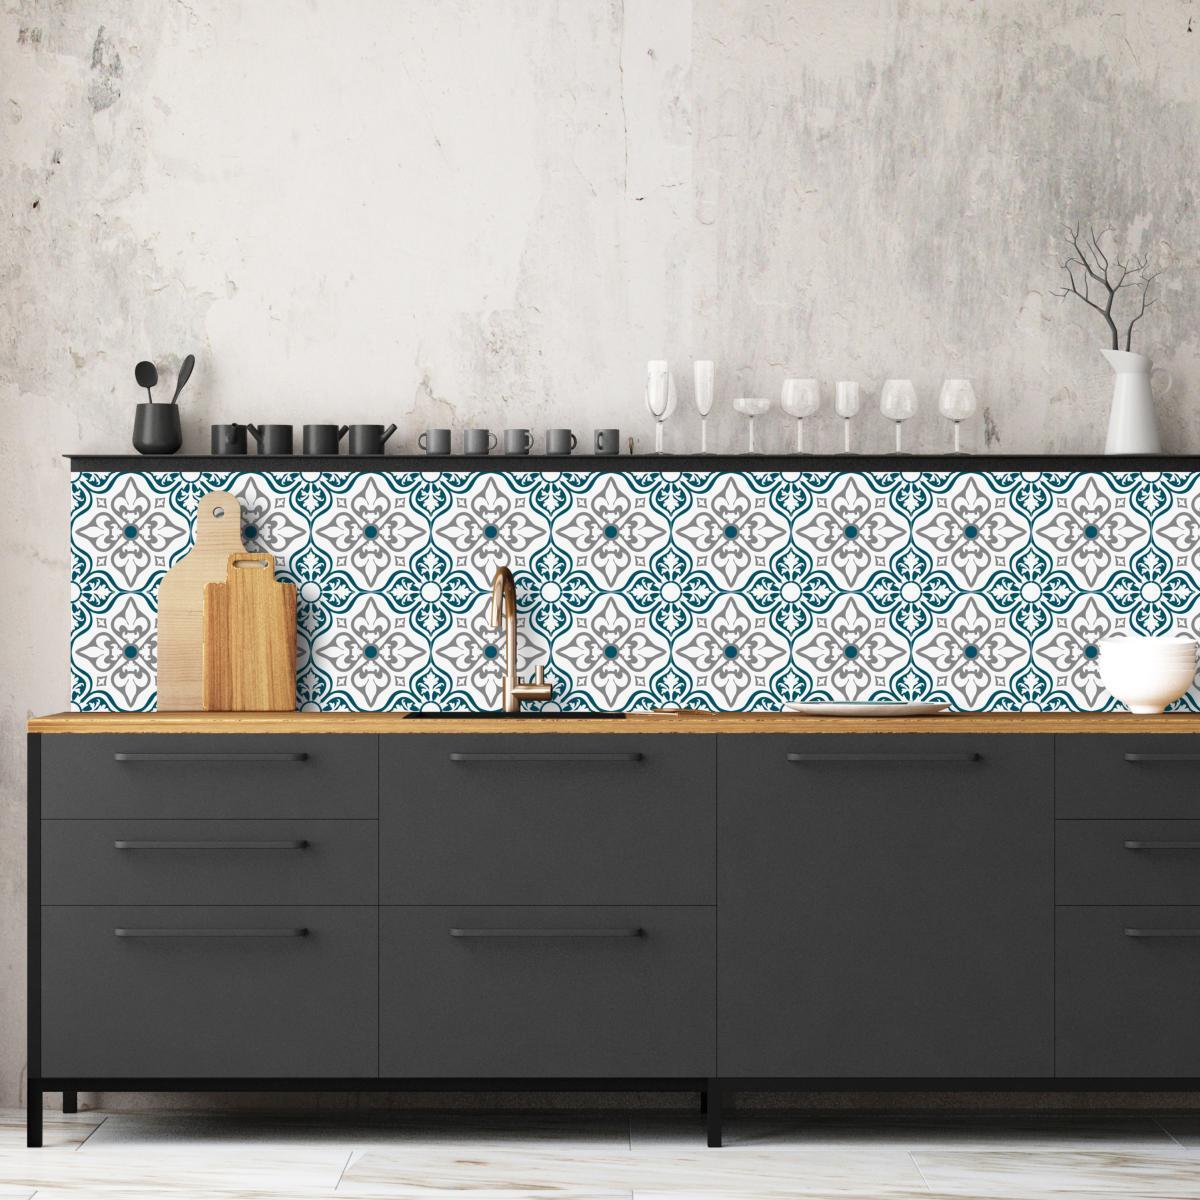 cr dence adh sive carreaux de ciment jos phine bleu. Black Bedroom Furniture Sets. Home Design Ideas